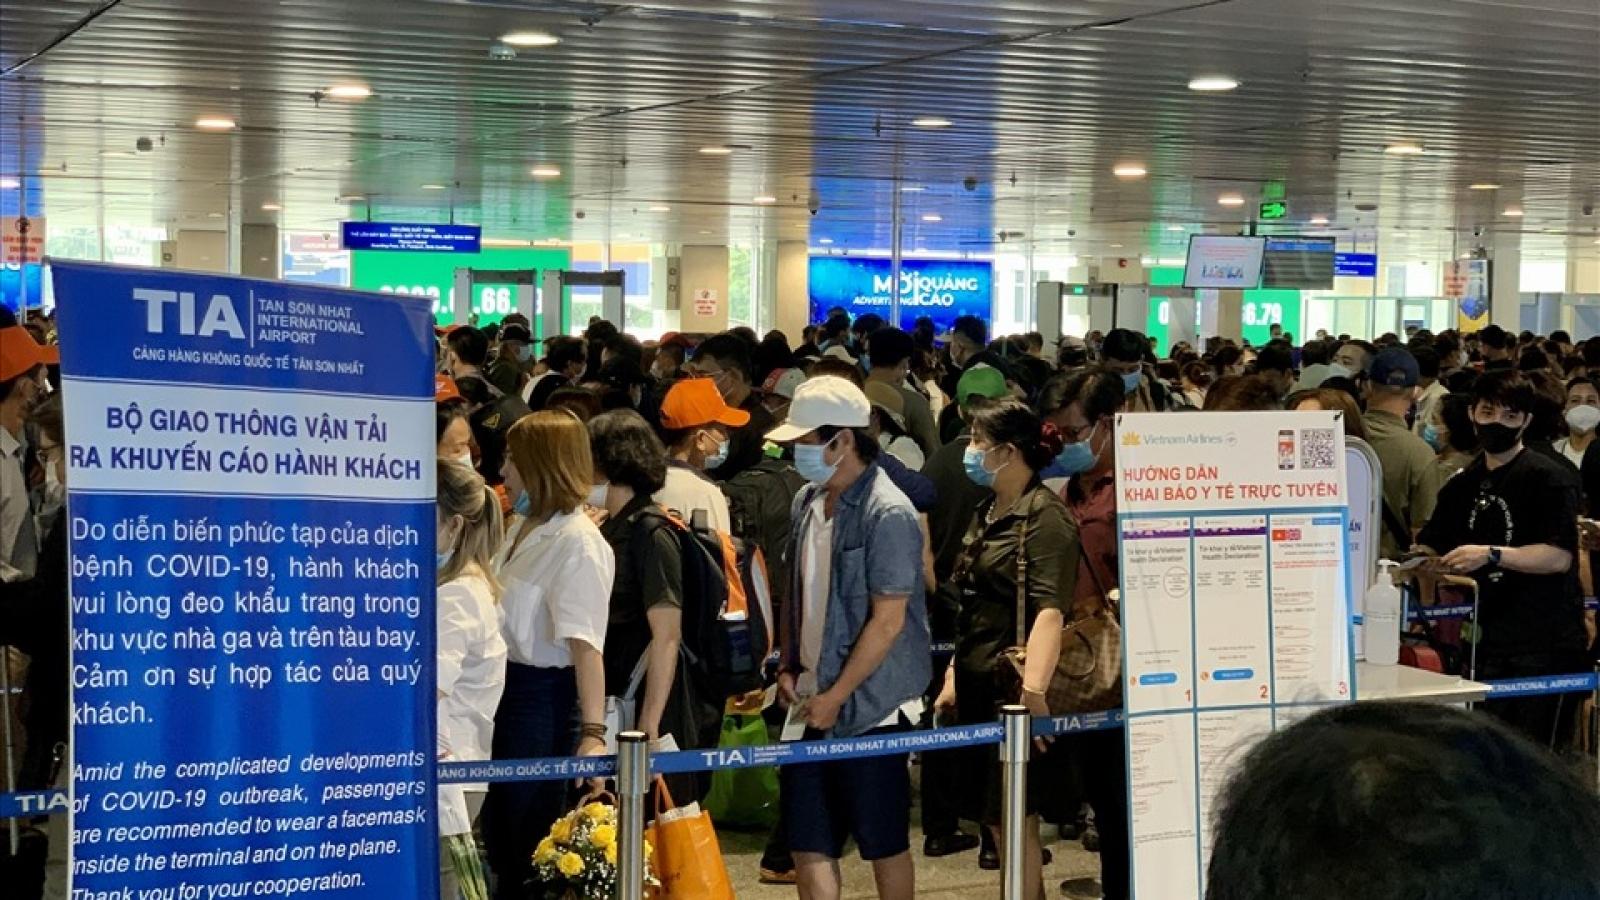 Sân bay Tân Sơn Nhất tạm dừng các chuyến bay chở khách nhập cảnh